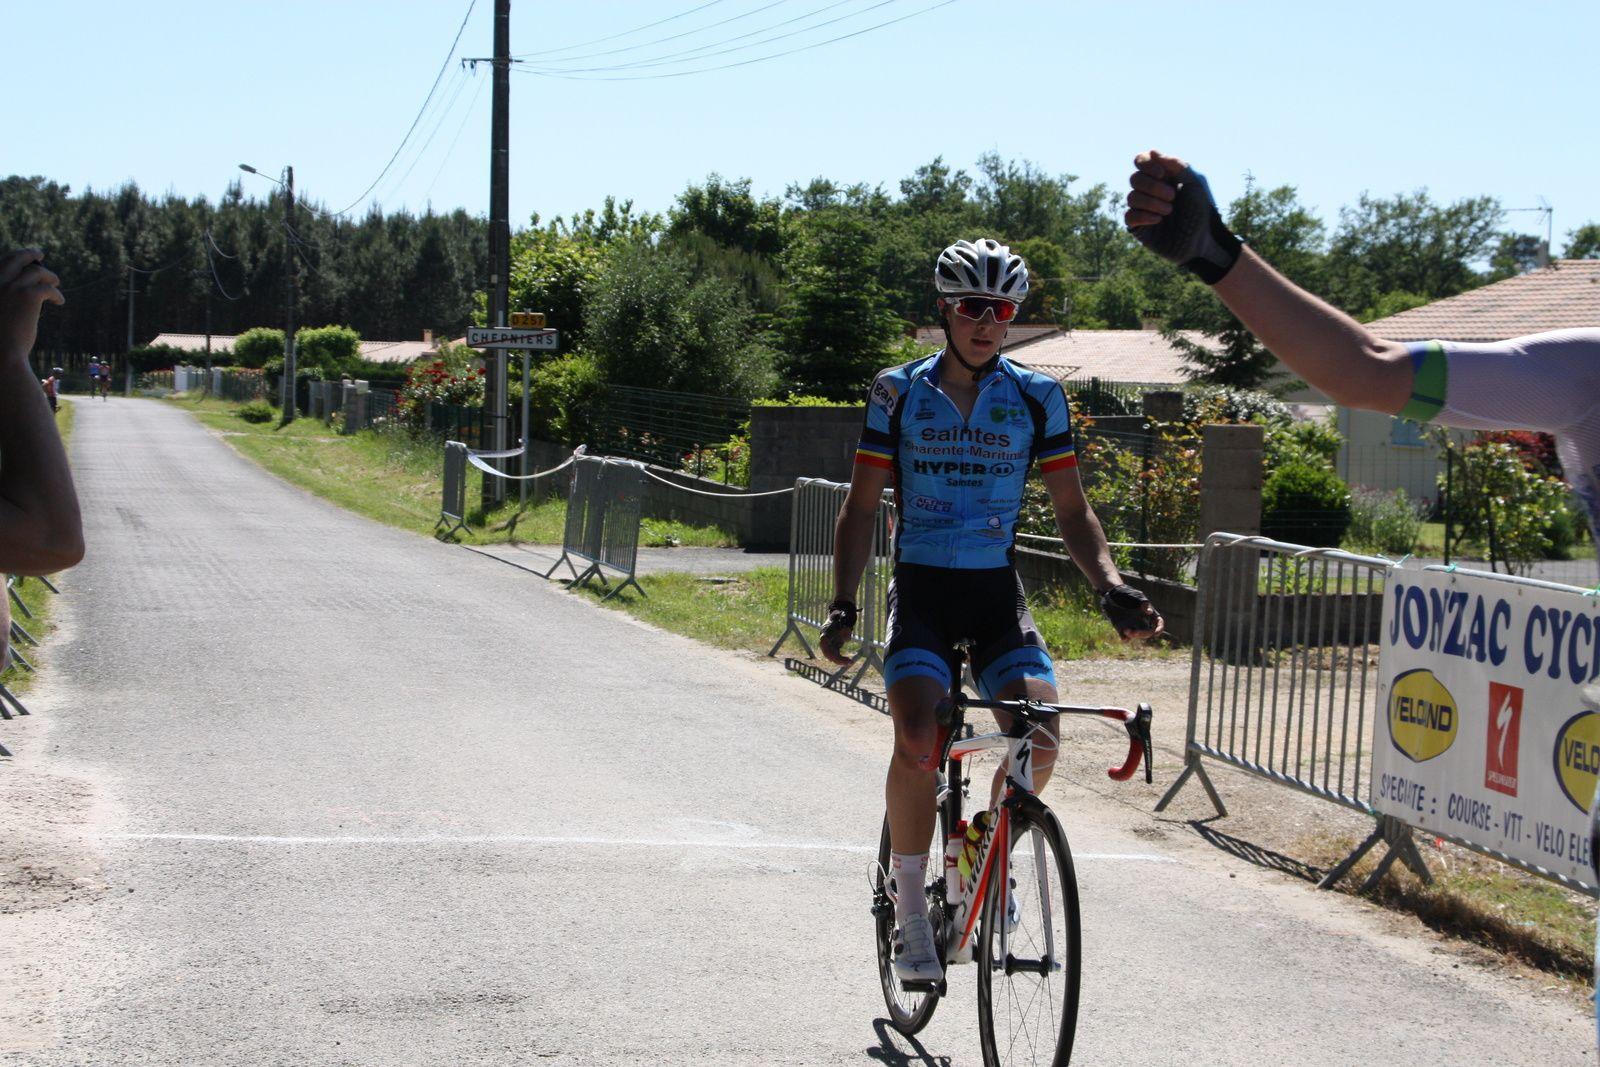 L'arrivée  et  la  victoire  pour  Grégory  POUVREAULT(VC  Saintes), 2e  Yanis  SEGUIN(VC  Saintes)